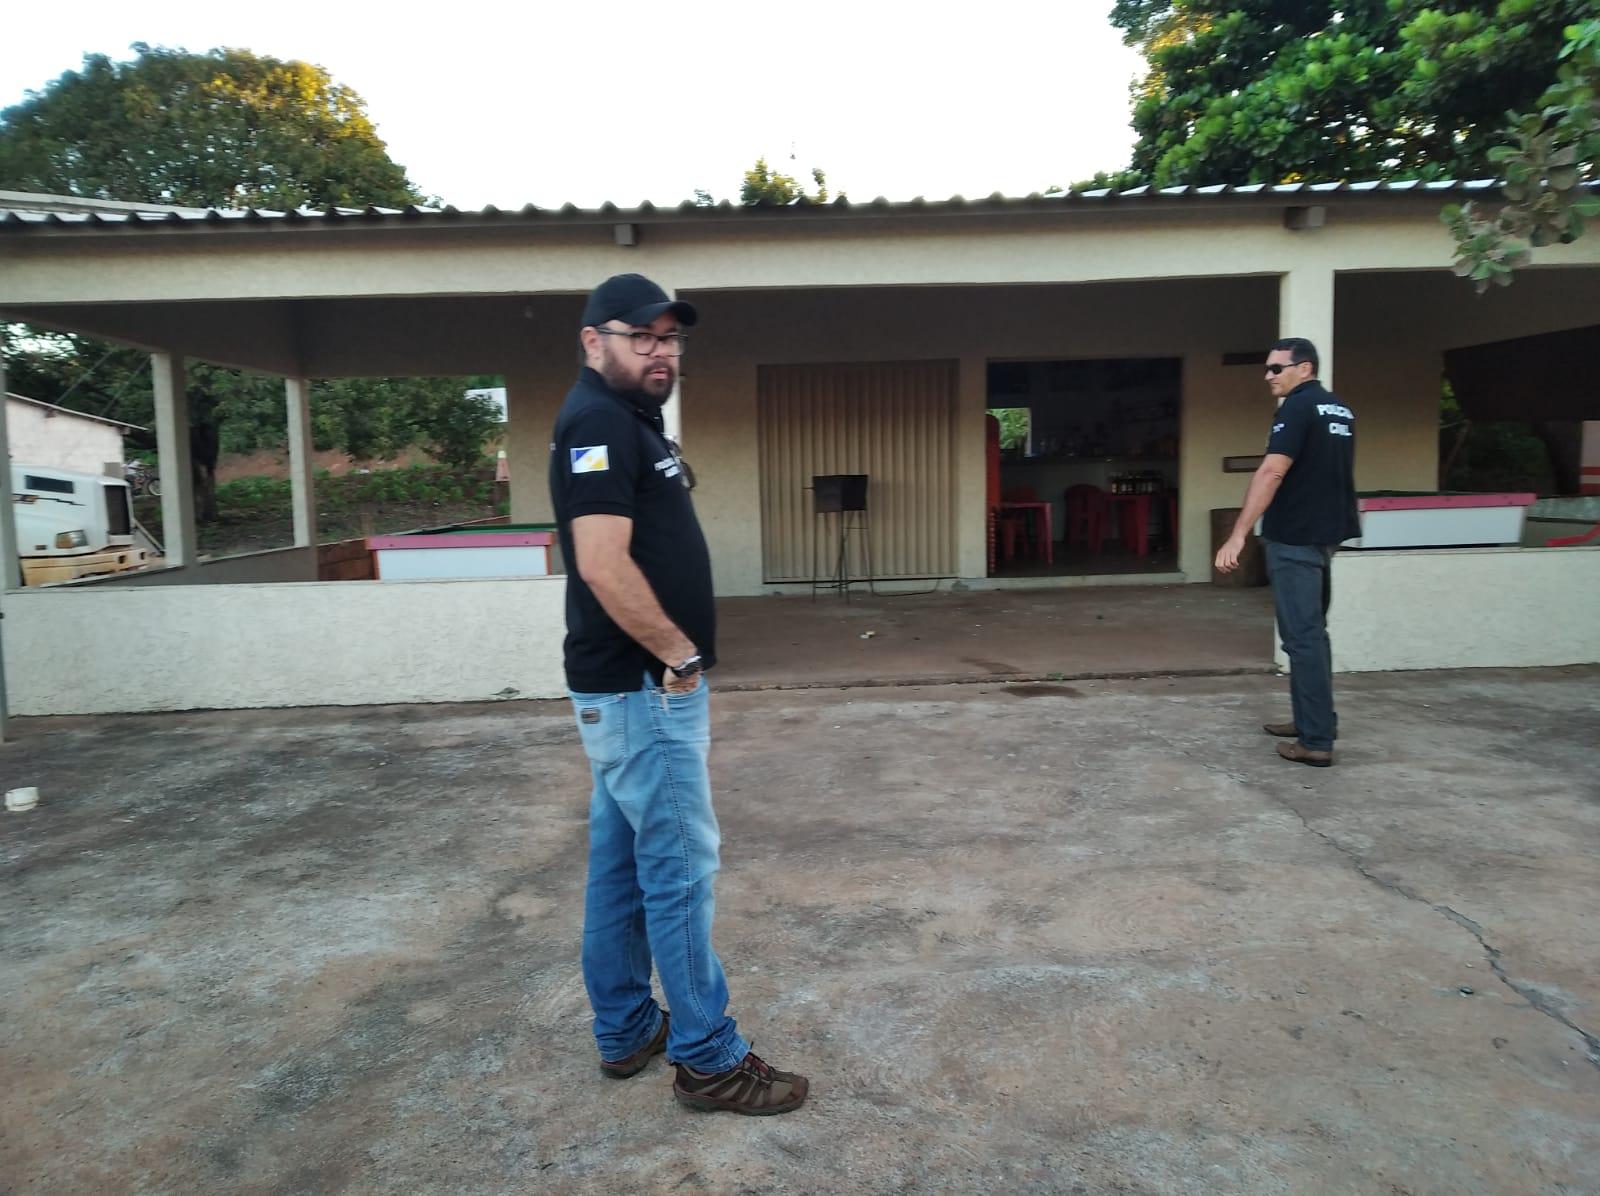 População e comerciantes de Paraíso do Tocantins colaboram e seguem na quarentena de prevenção ao novo Coronavírus